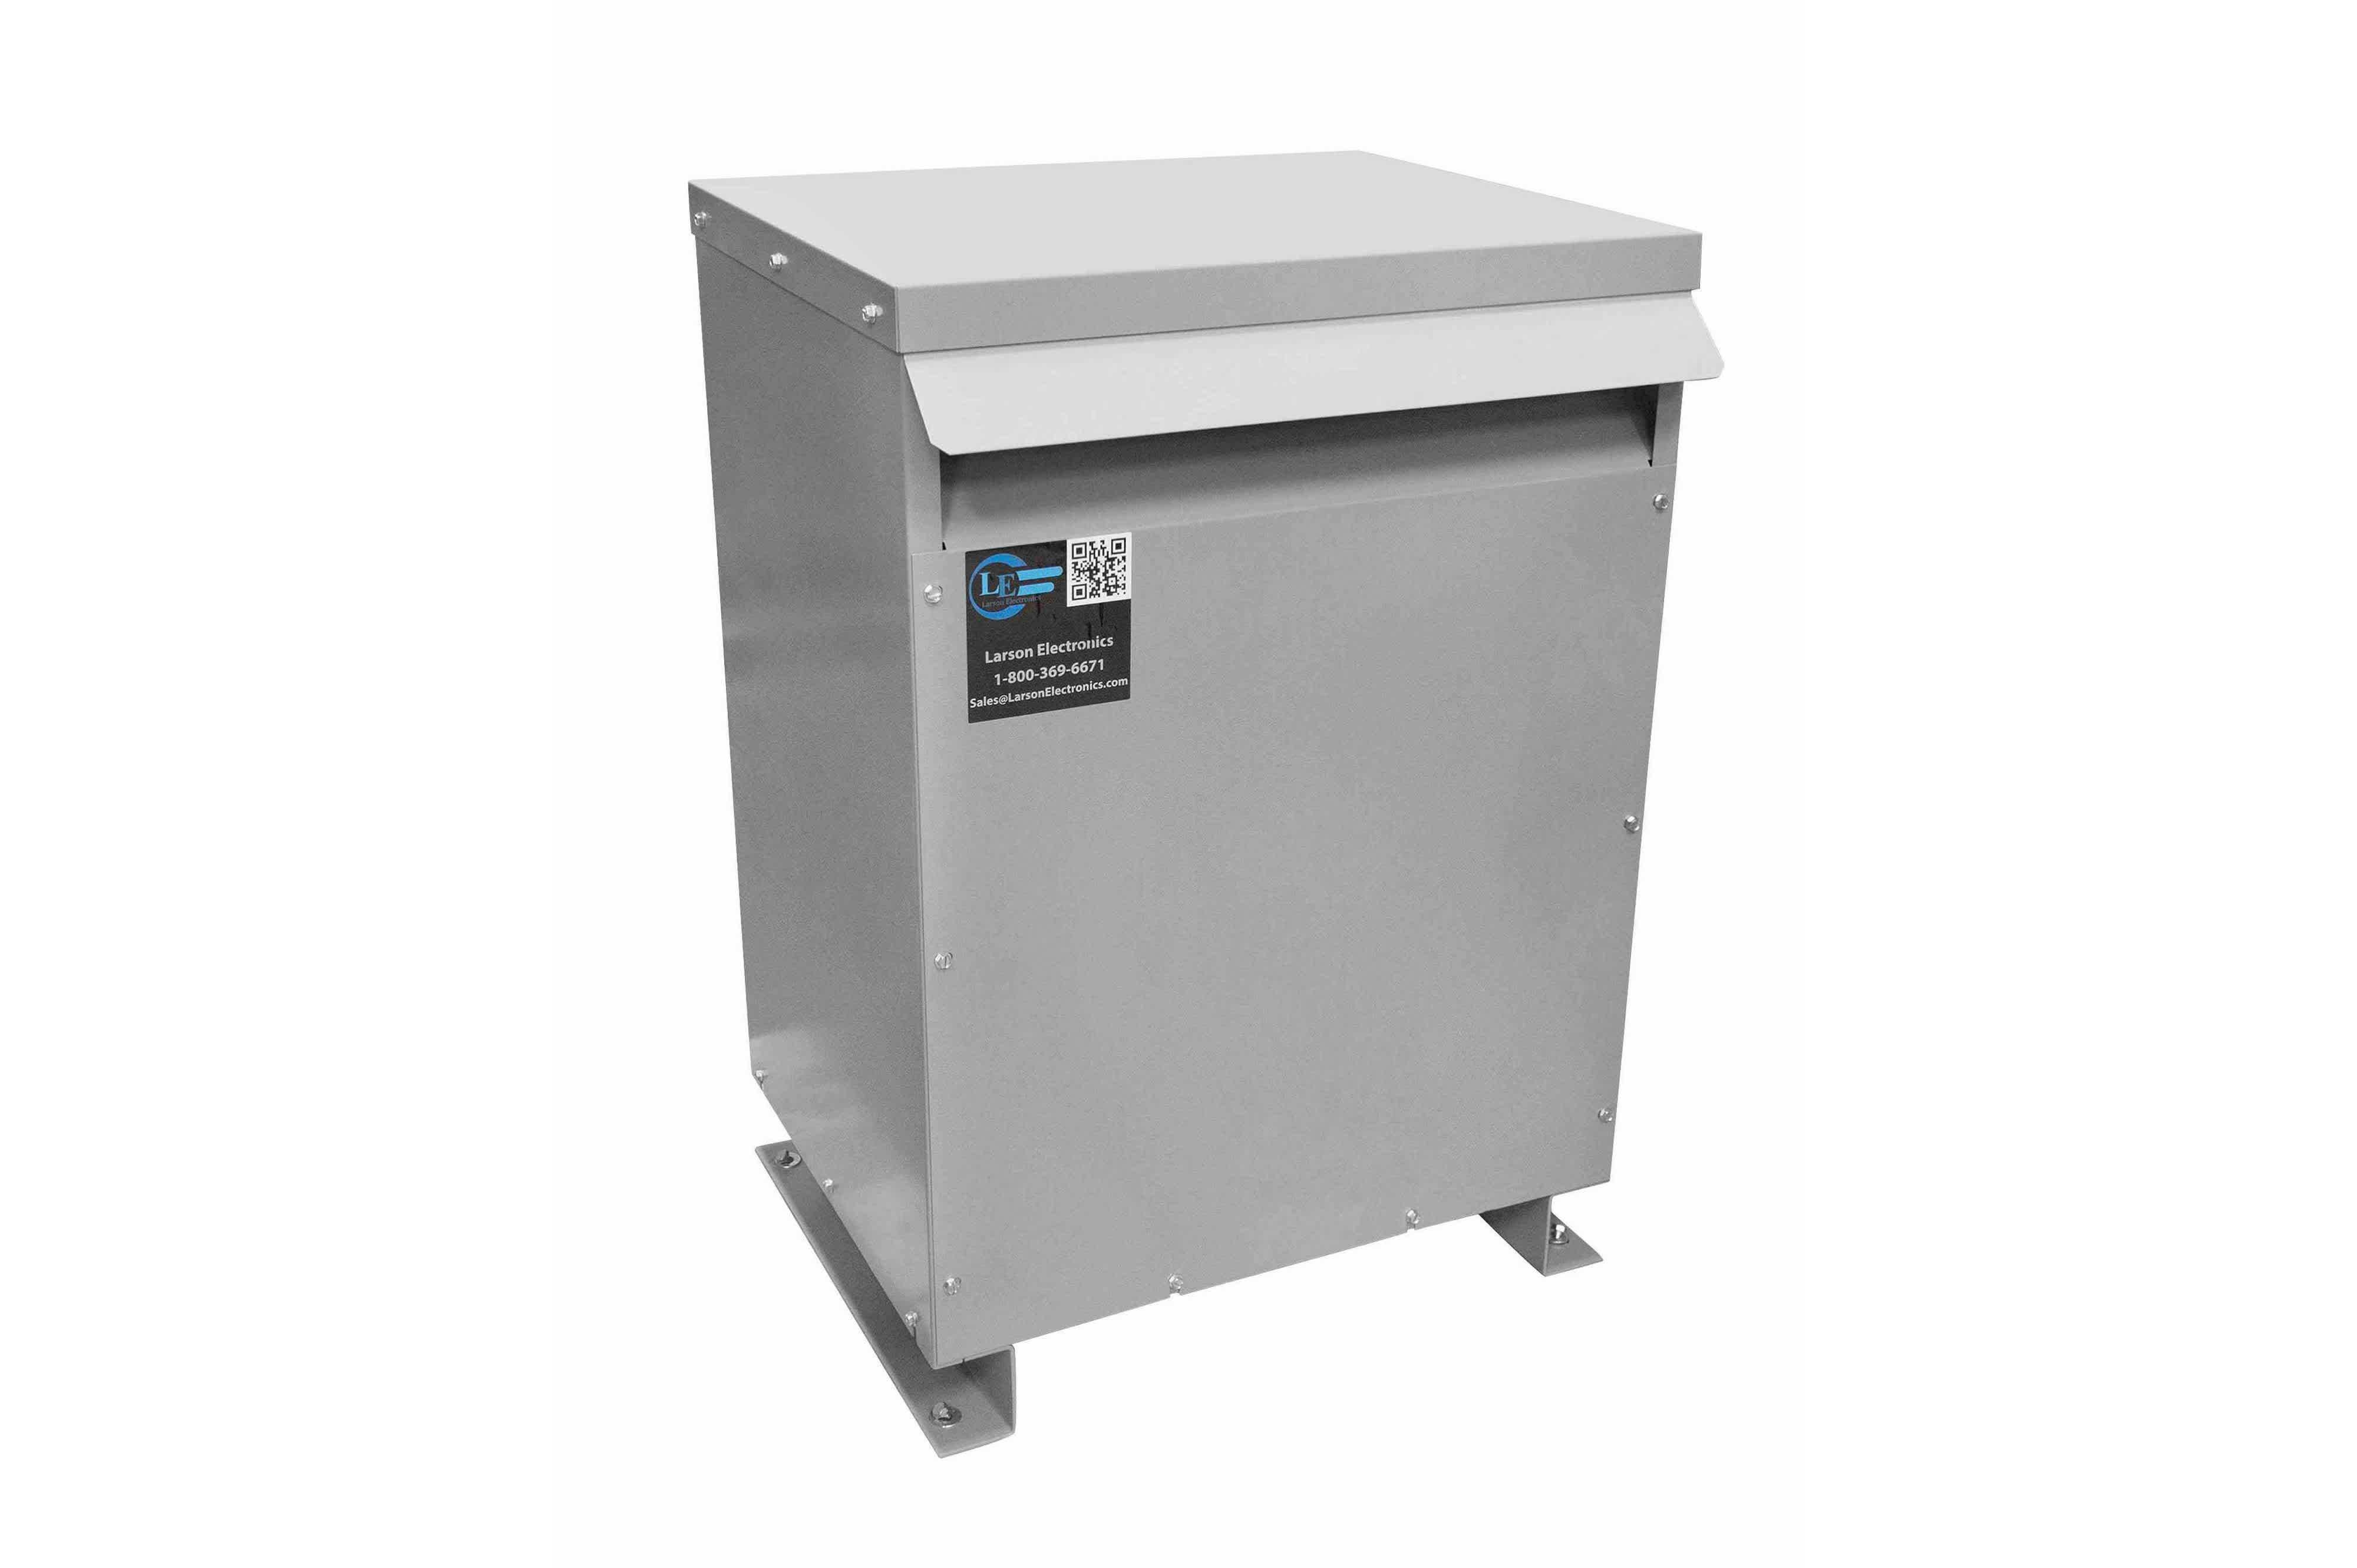 27 kVA 3PH Isolation Transformer, 208V Delta Primary, 400V Delta Secondary, N3R, Ventilated, 60 Hz